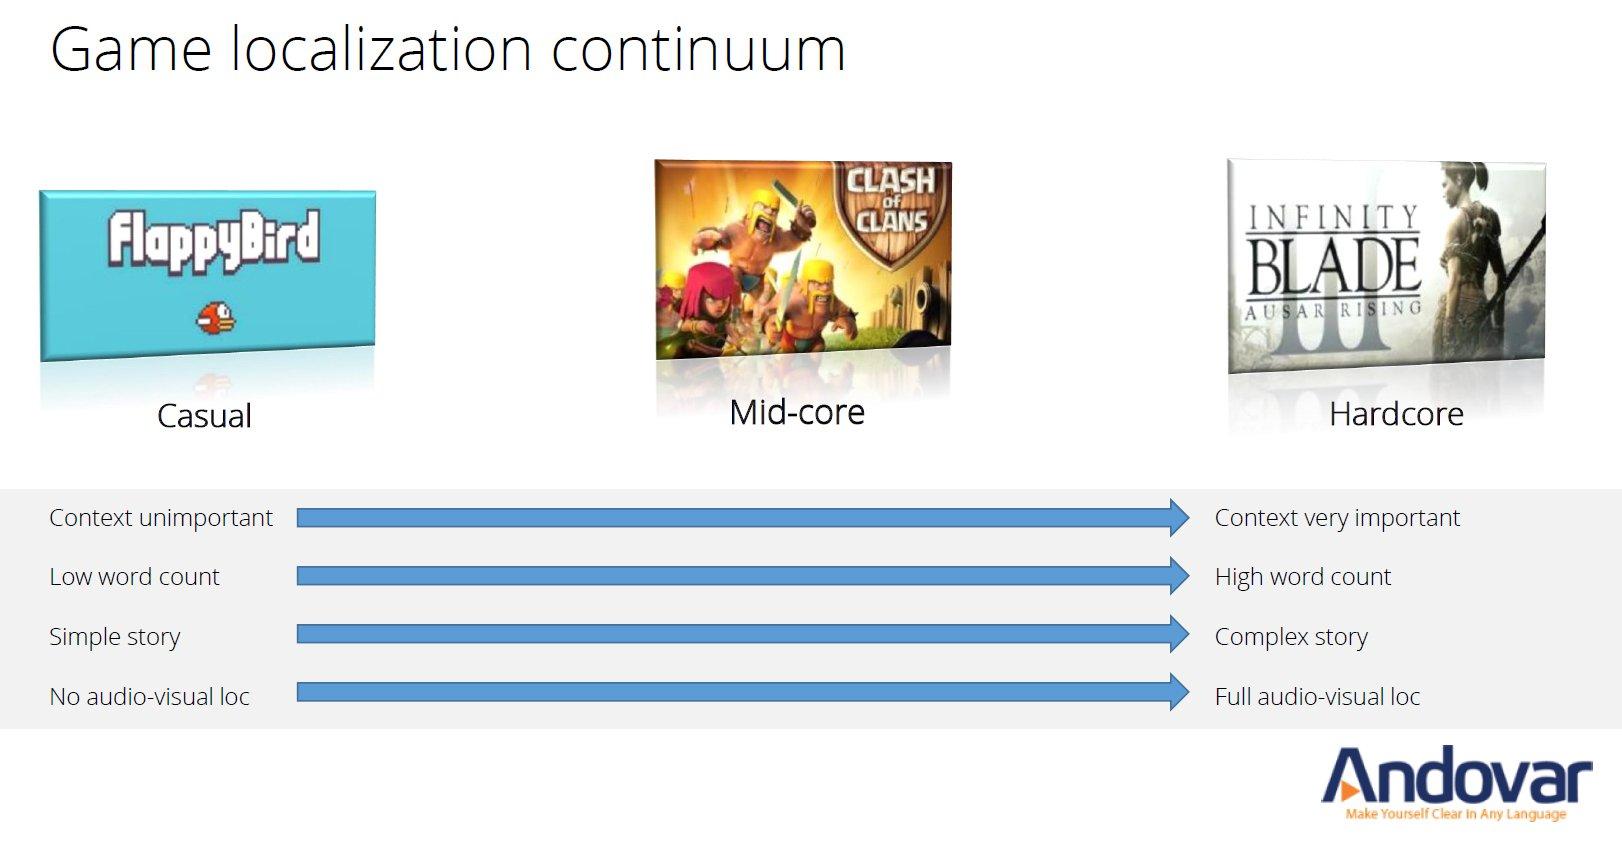 Game localization continuum